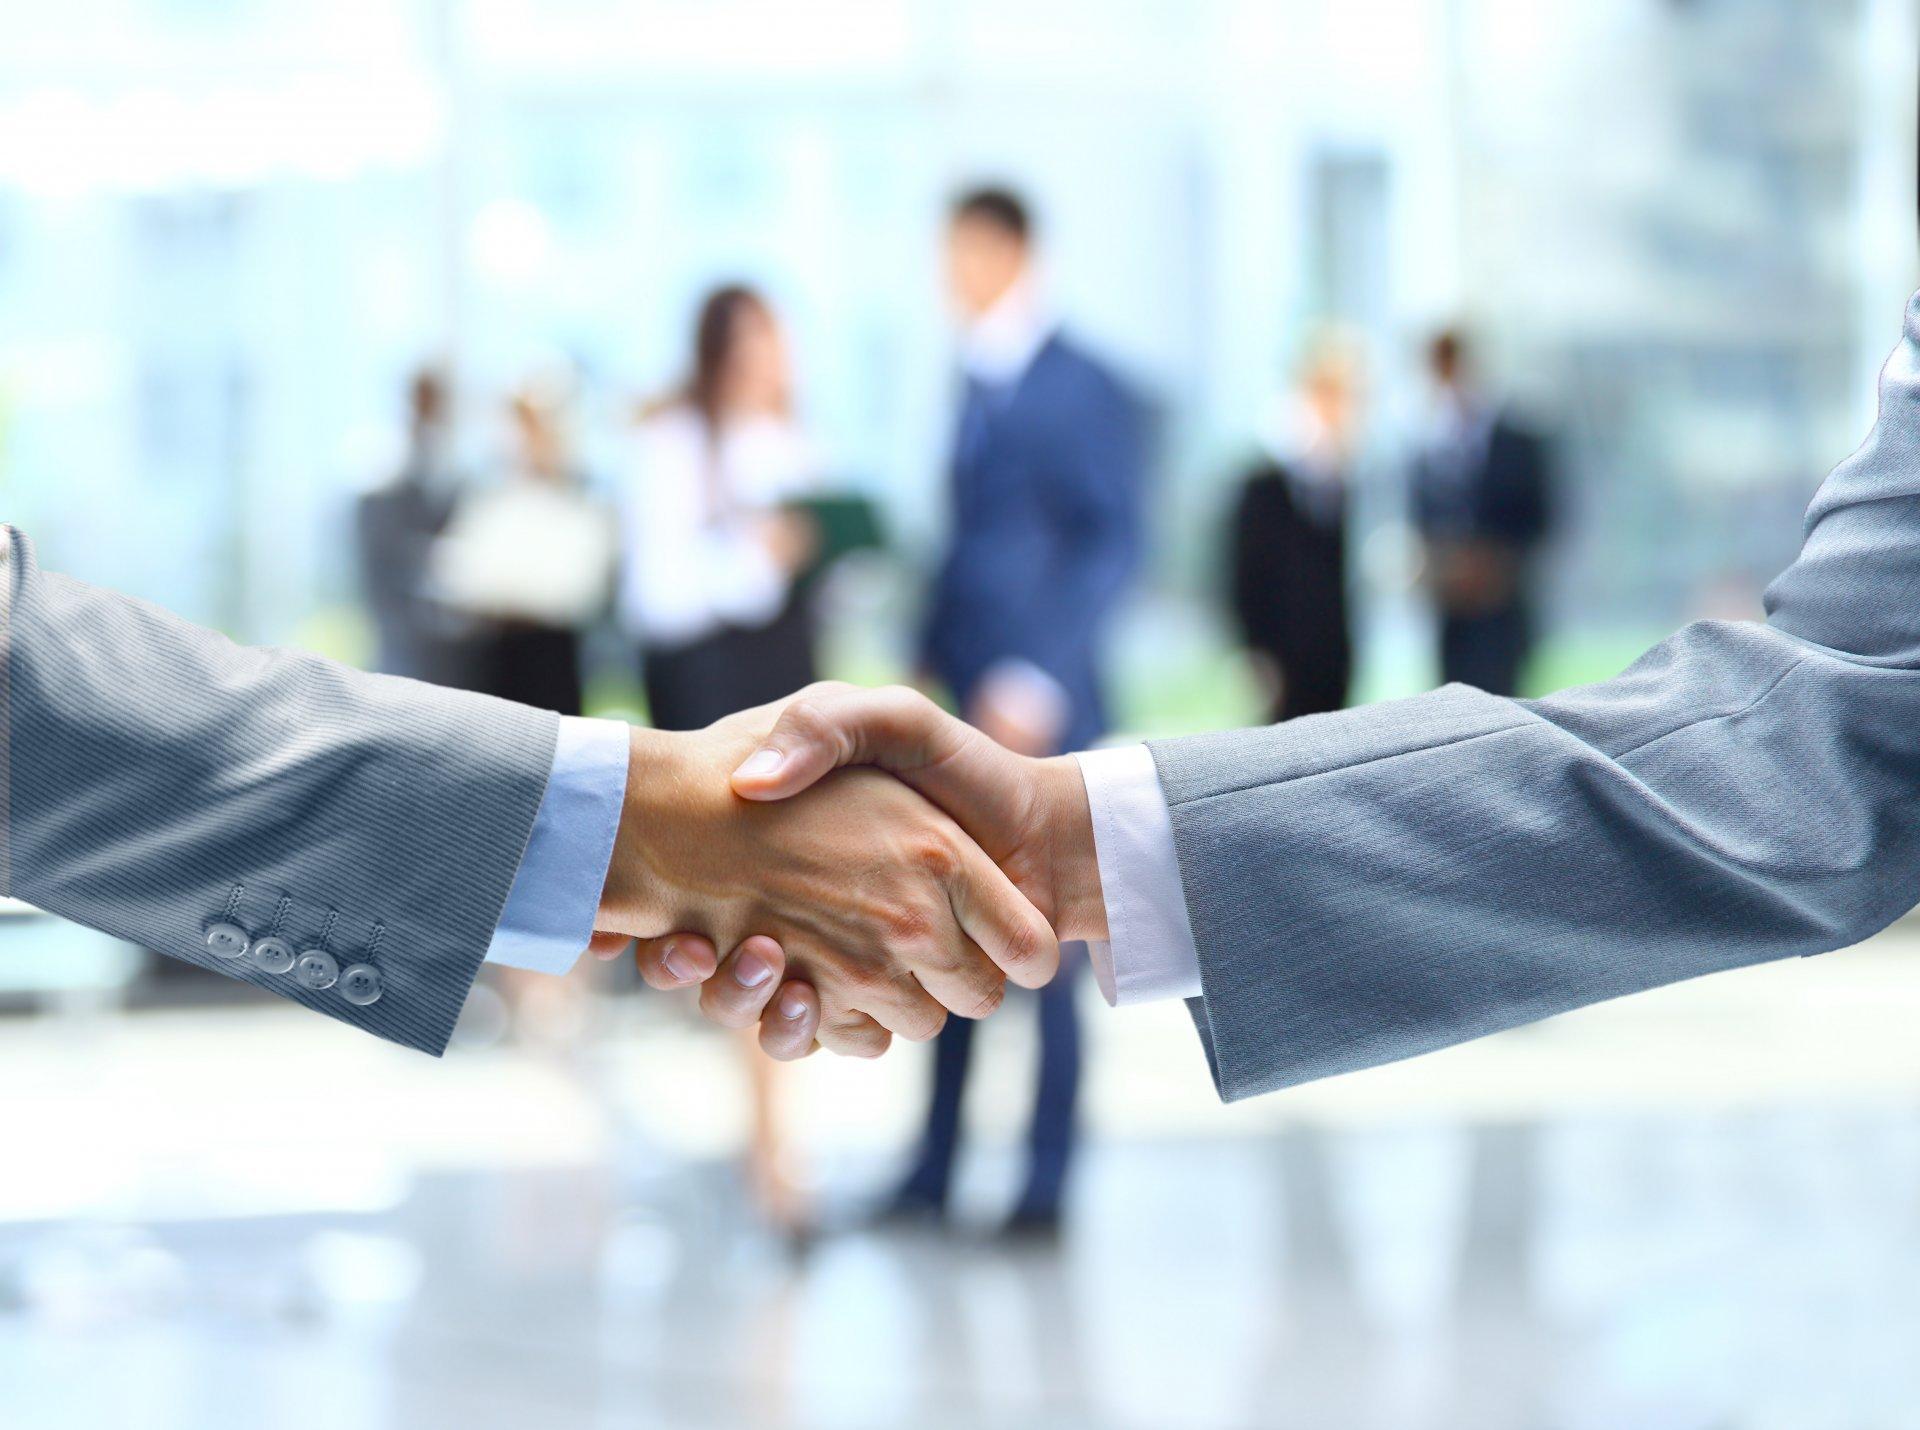 business-handshake-transactions-office-men-the-company-company-suit-hands-business-handshake-deal-transaction-bargain-trade-office-company-hand-hd.jpg